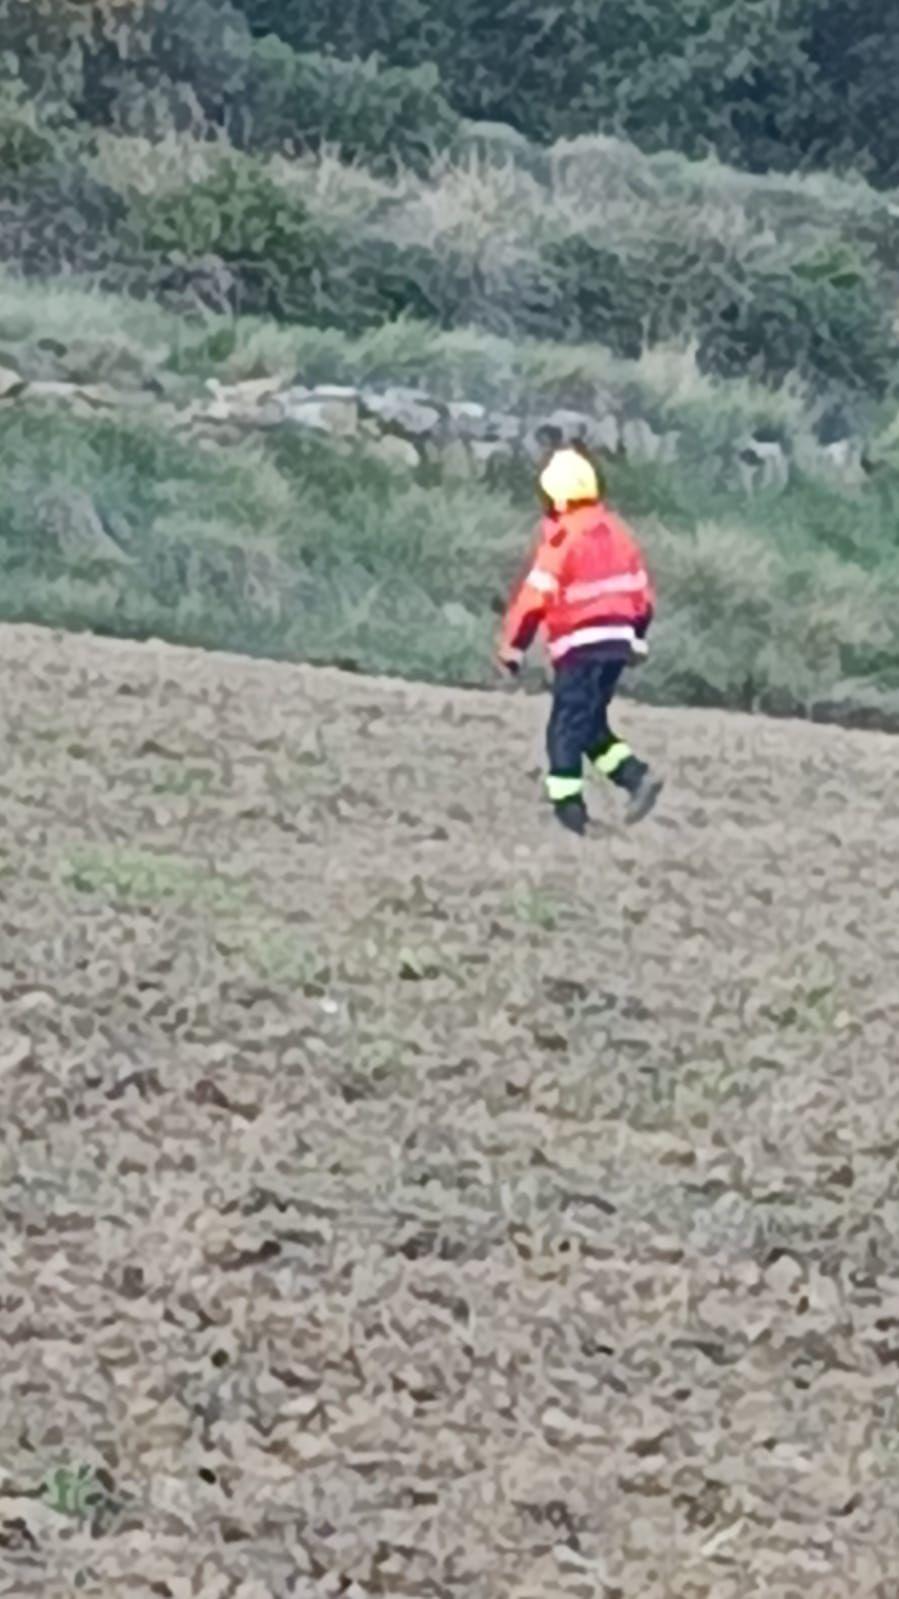 Recerca d'un menor perdut a Llanera